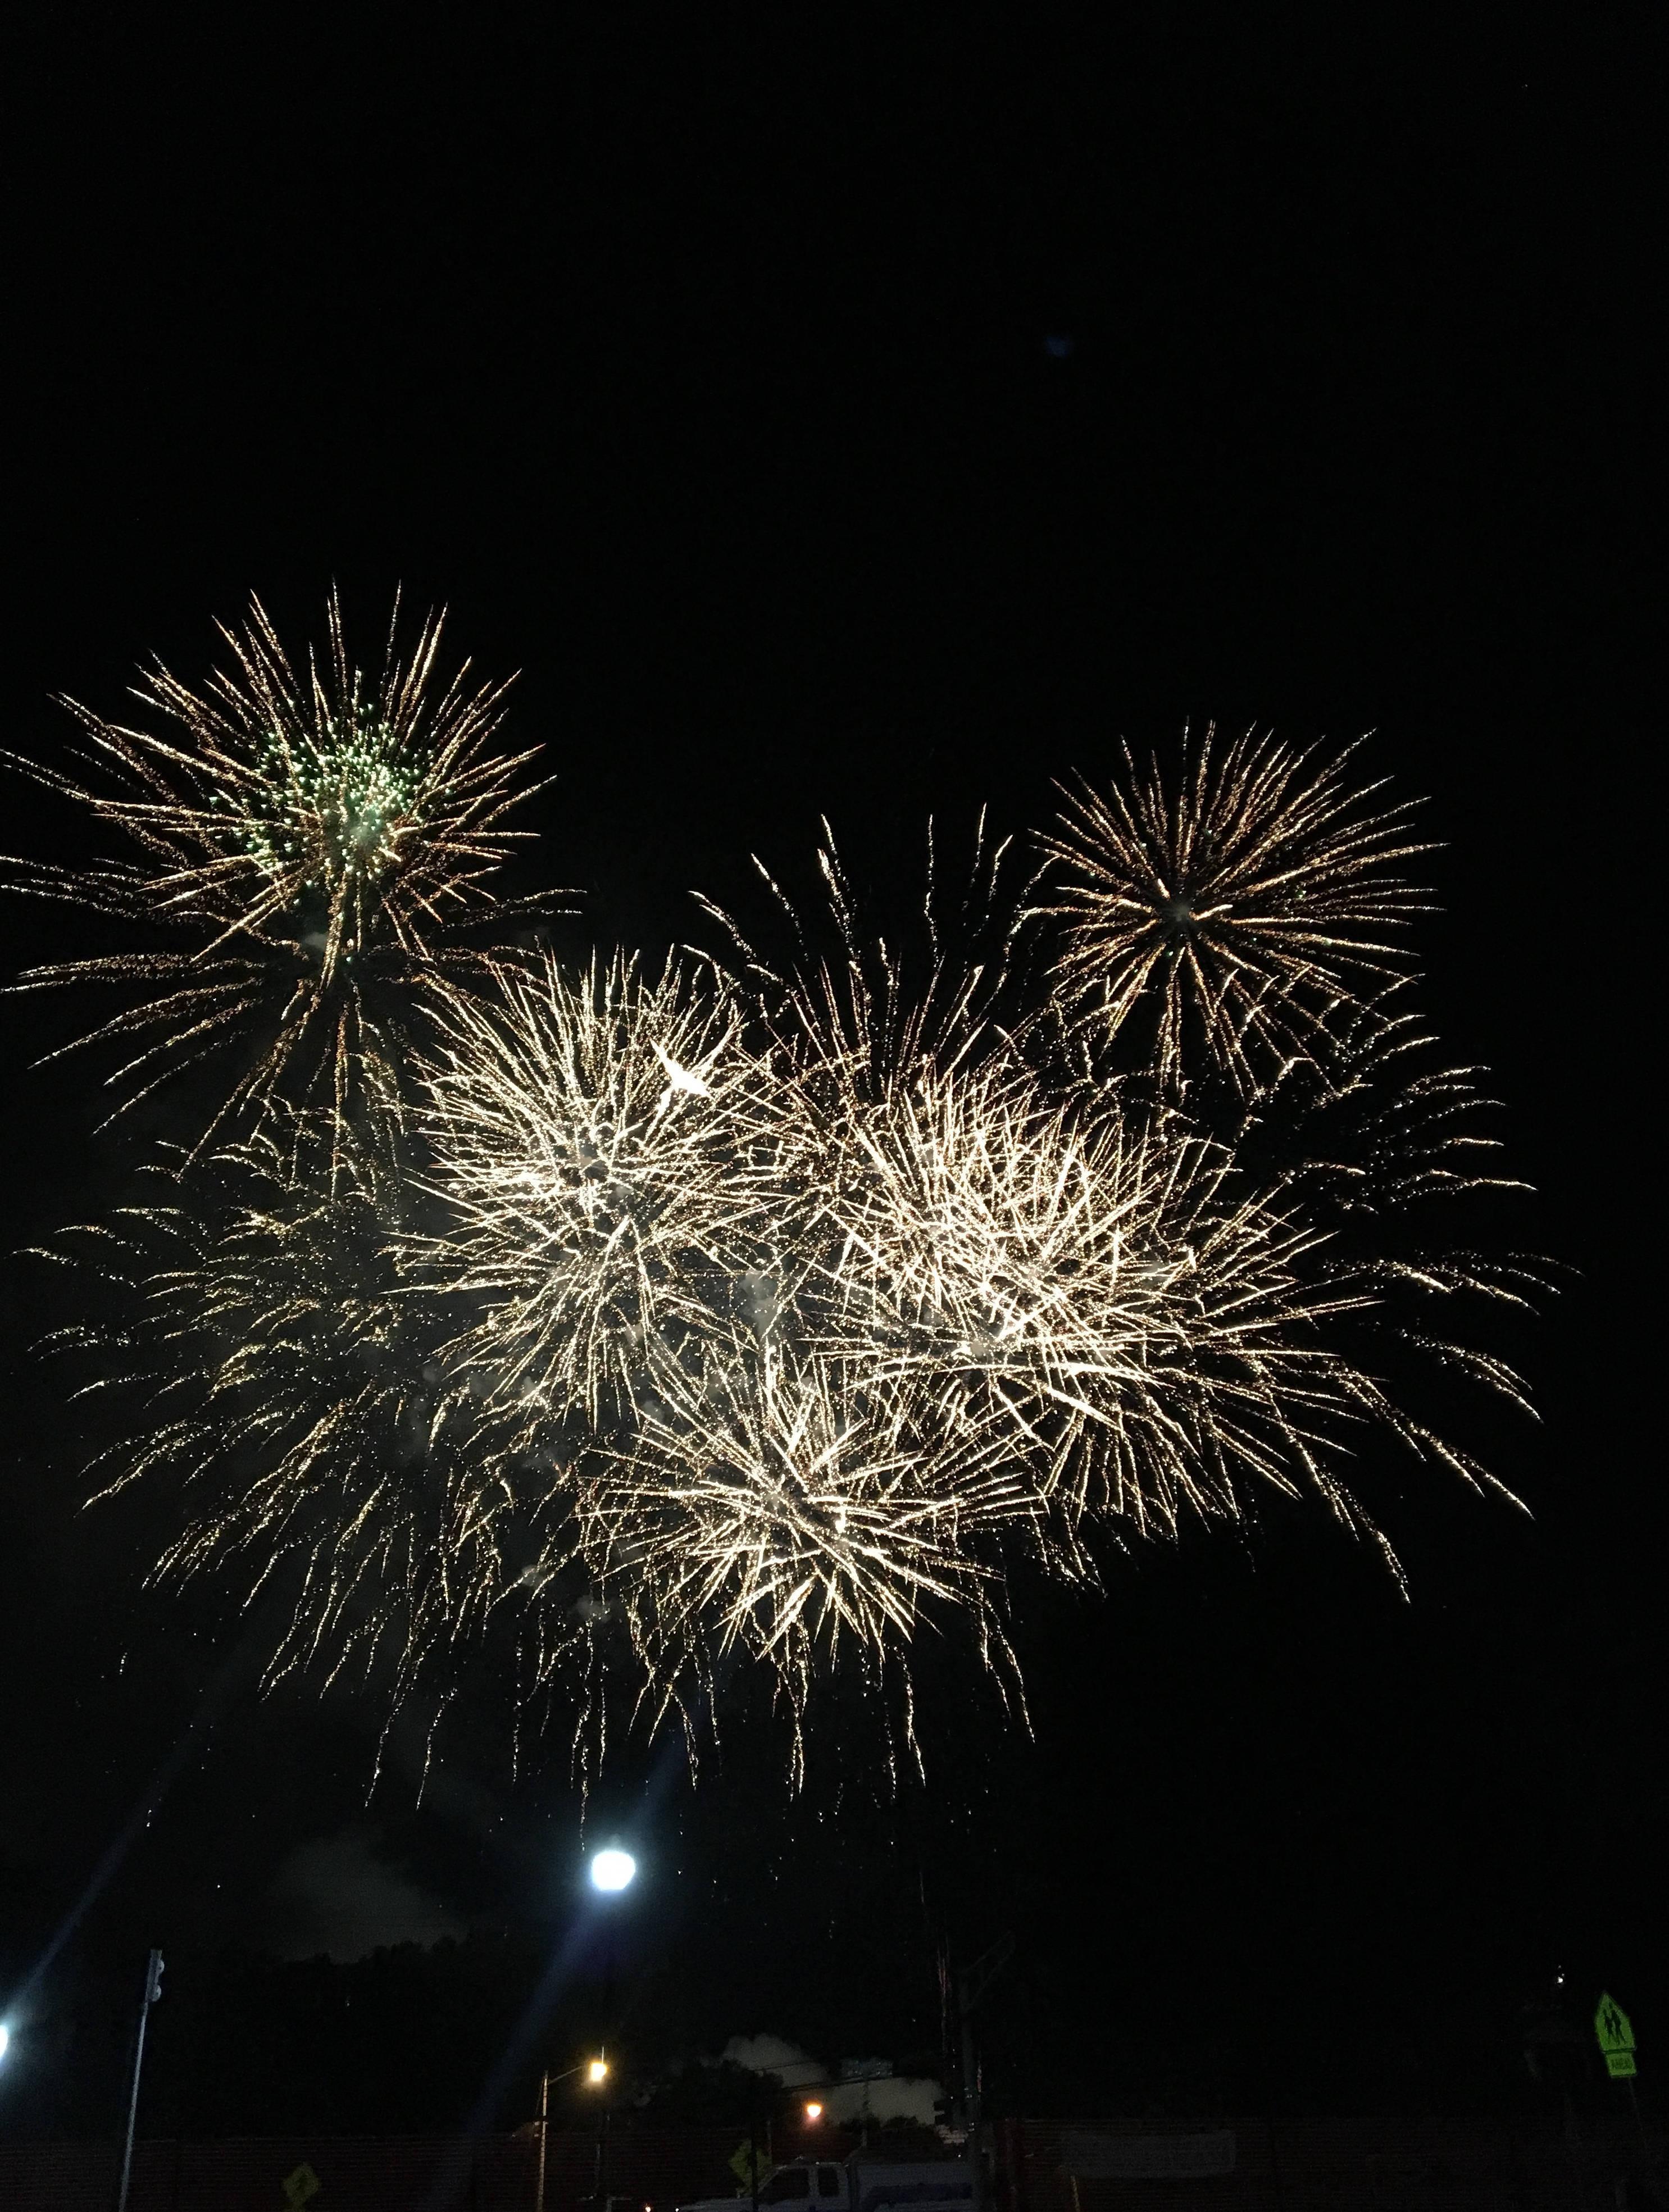 9979f804355a8aa4d518_fireworks__2.jpg